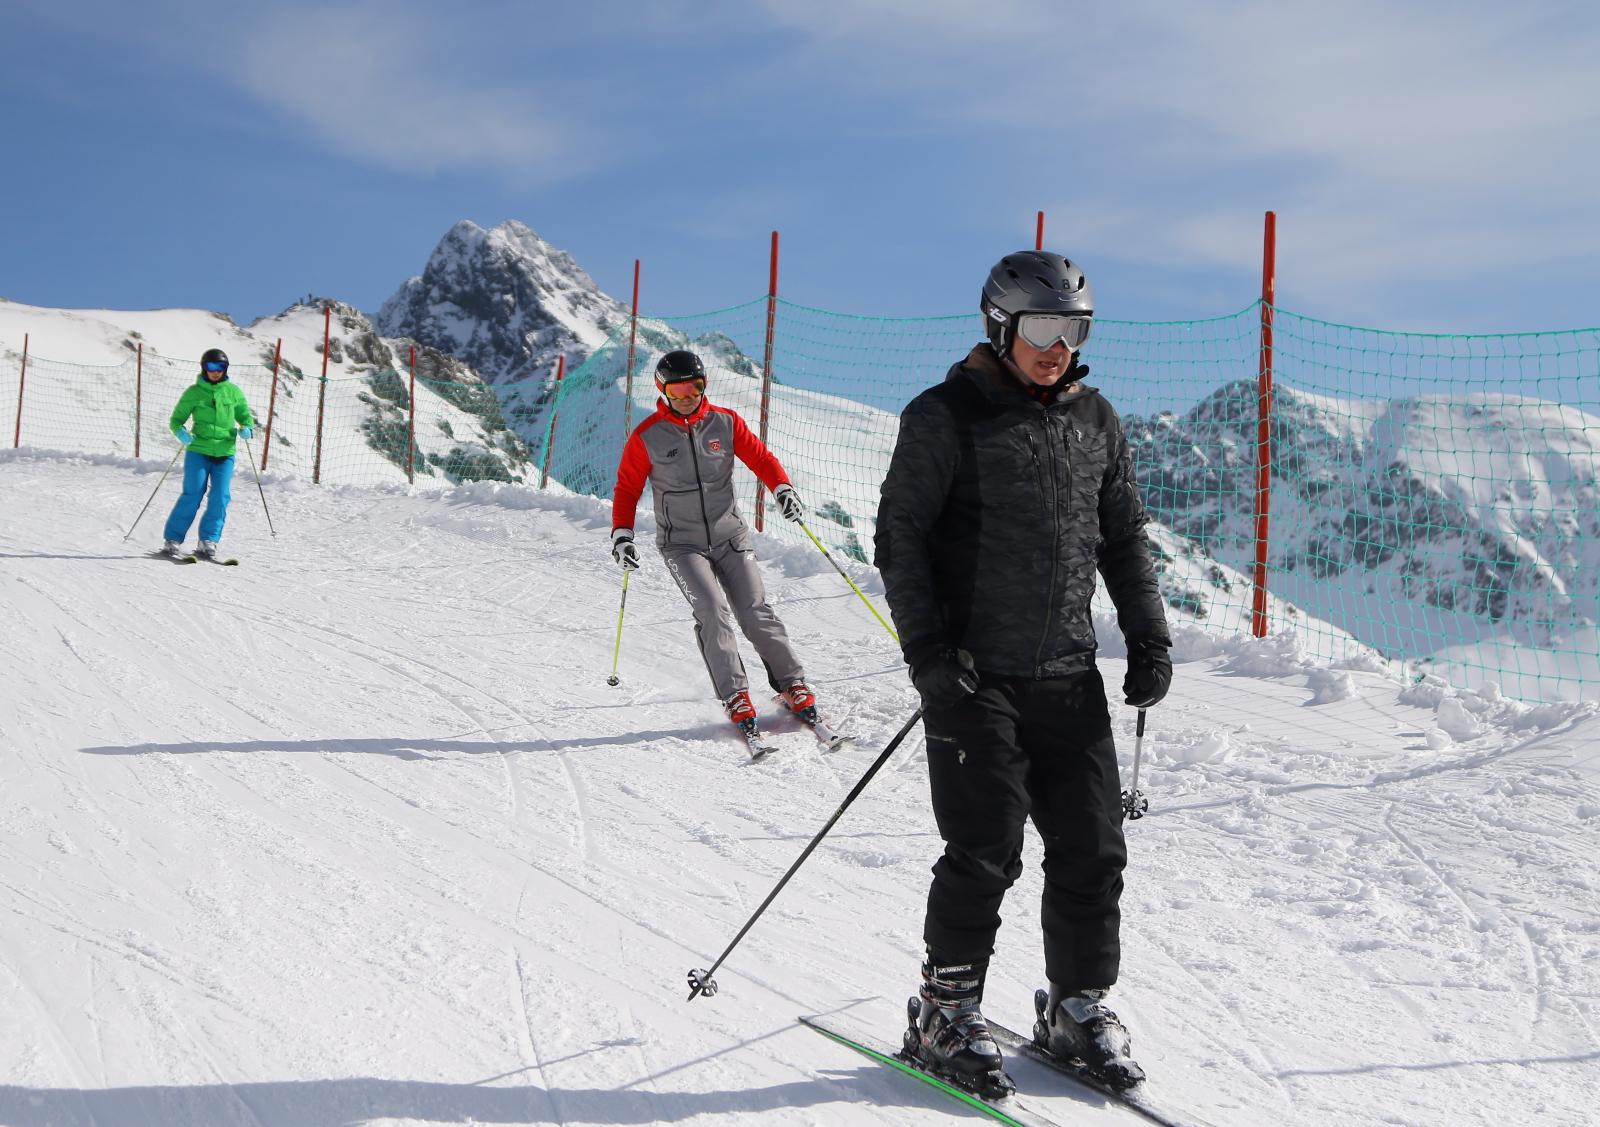 Prezydent RP Andrzej Duda oraz prezydent Słowacji Andrej Kiska na nartach na Kasprowym Wierchu. Fot. PAP/Grzegorz Momot